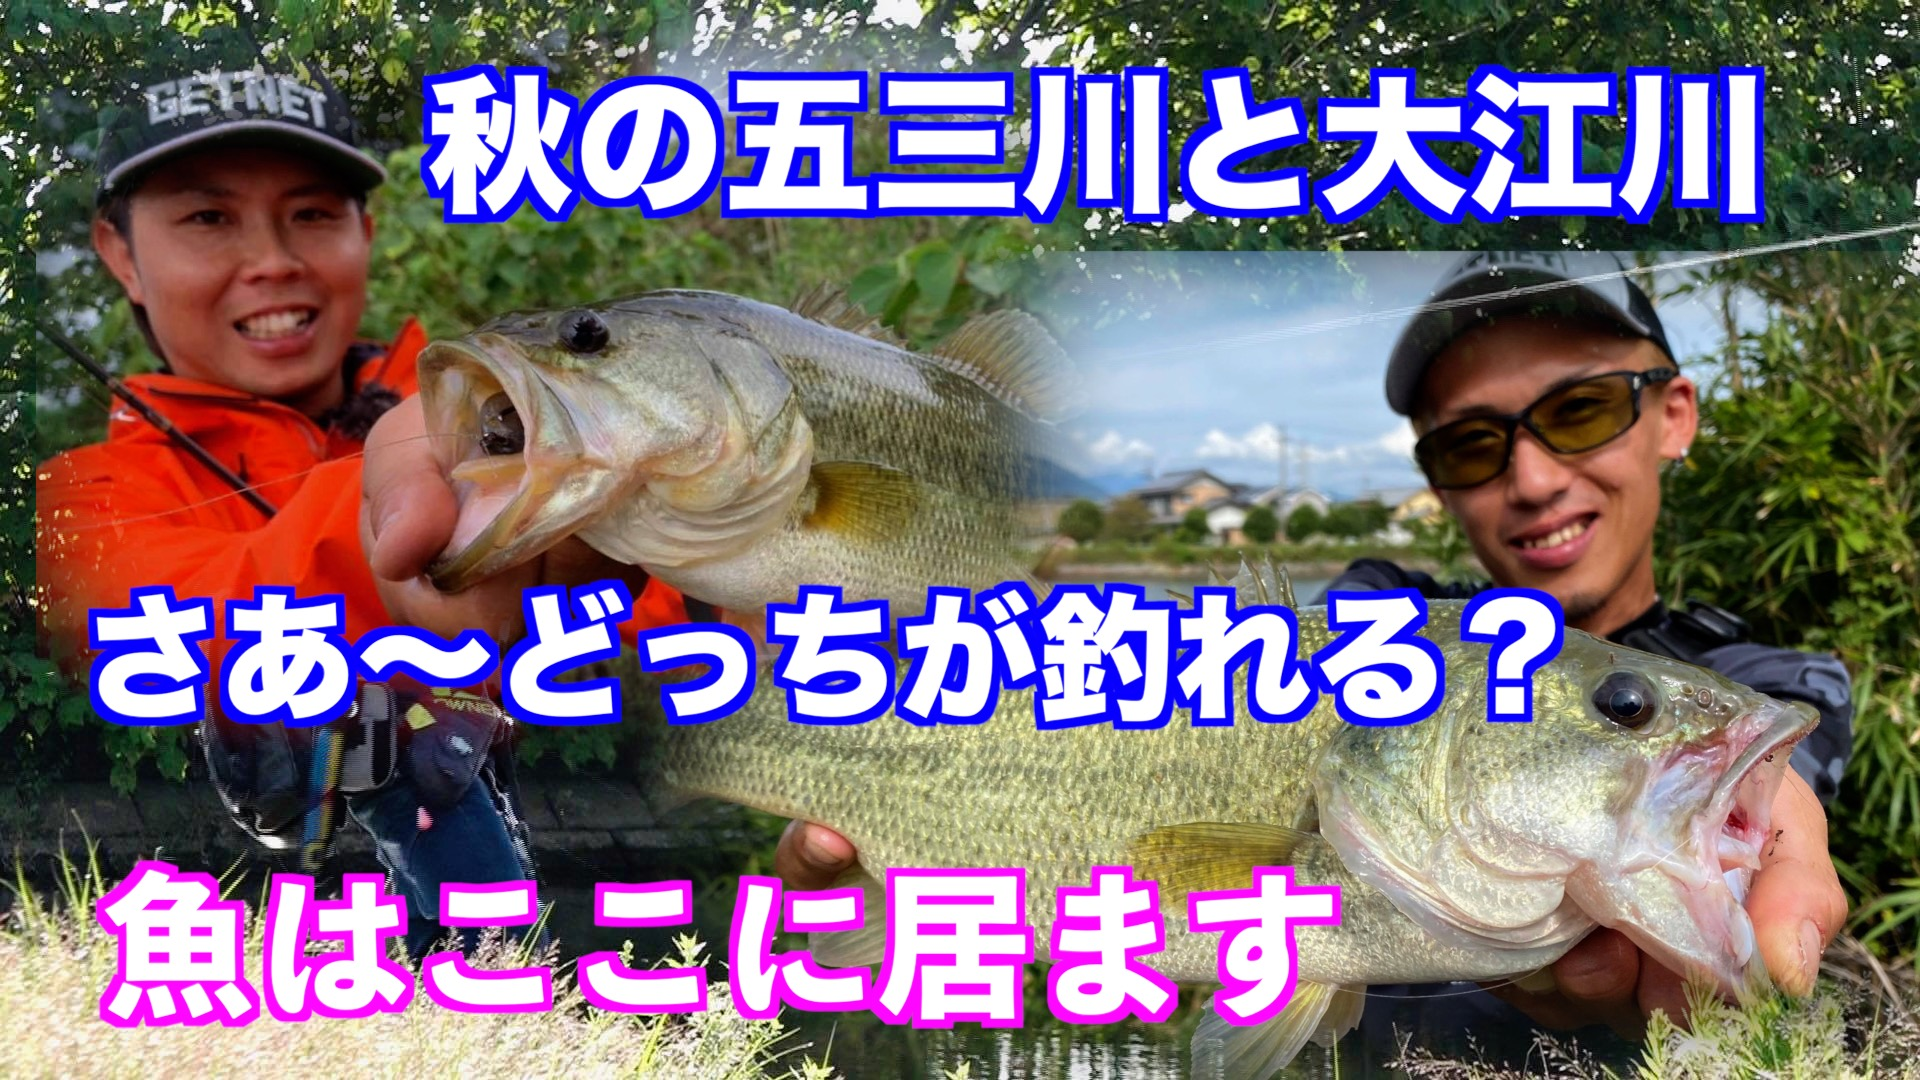 ブログ 川 五 三